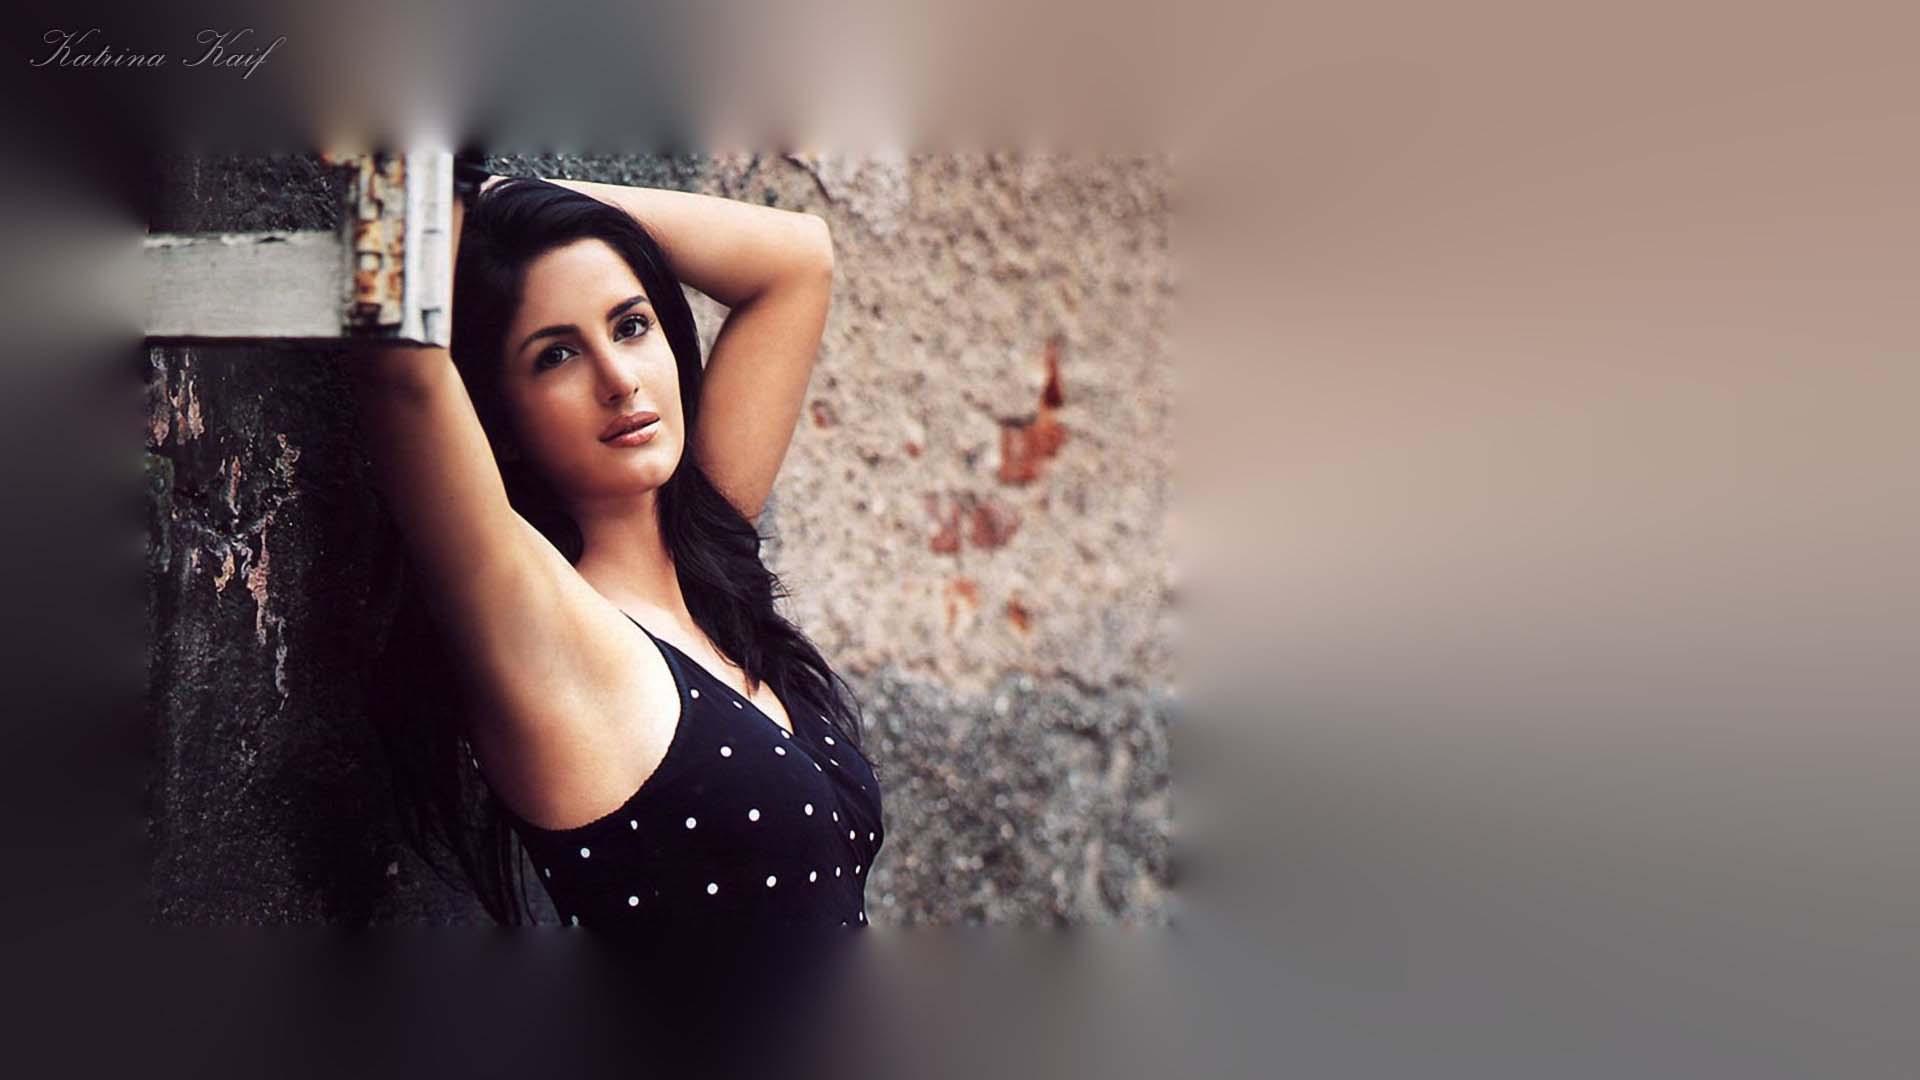 Katrina-Kaif-Hot-Actress-HD-Images